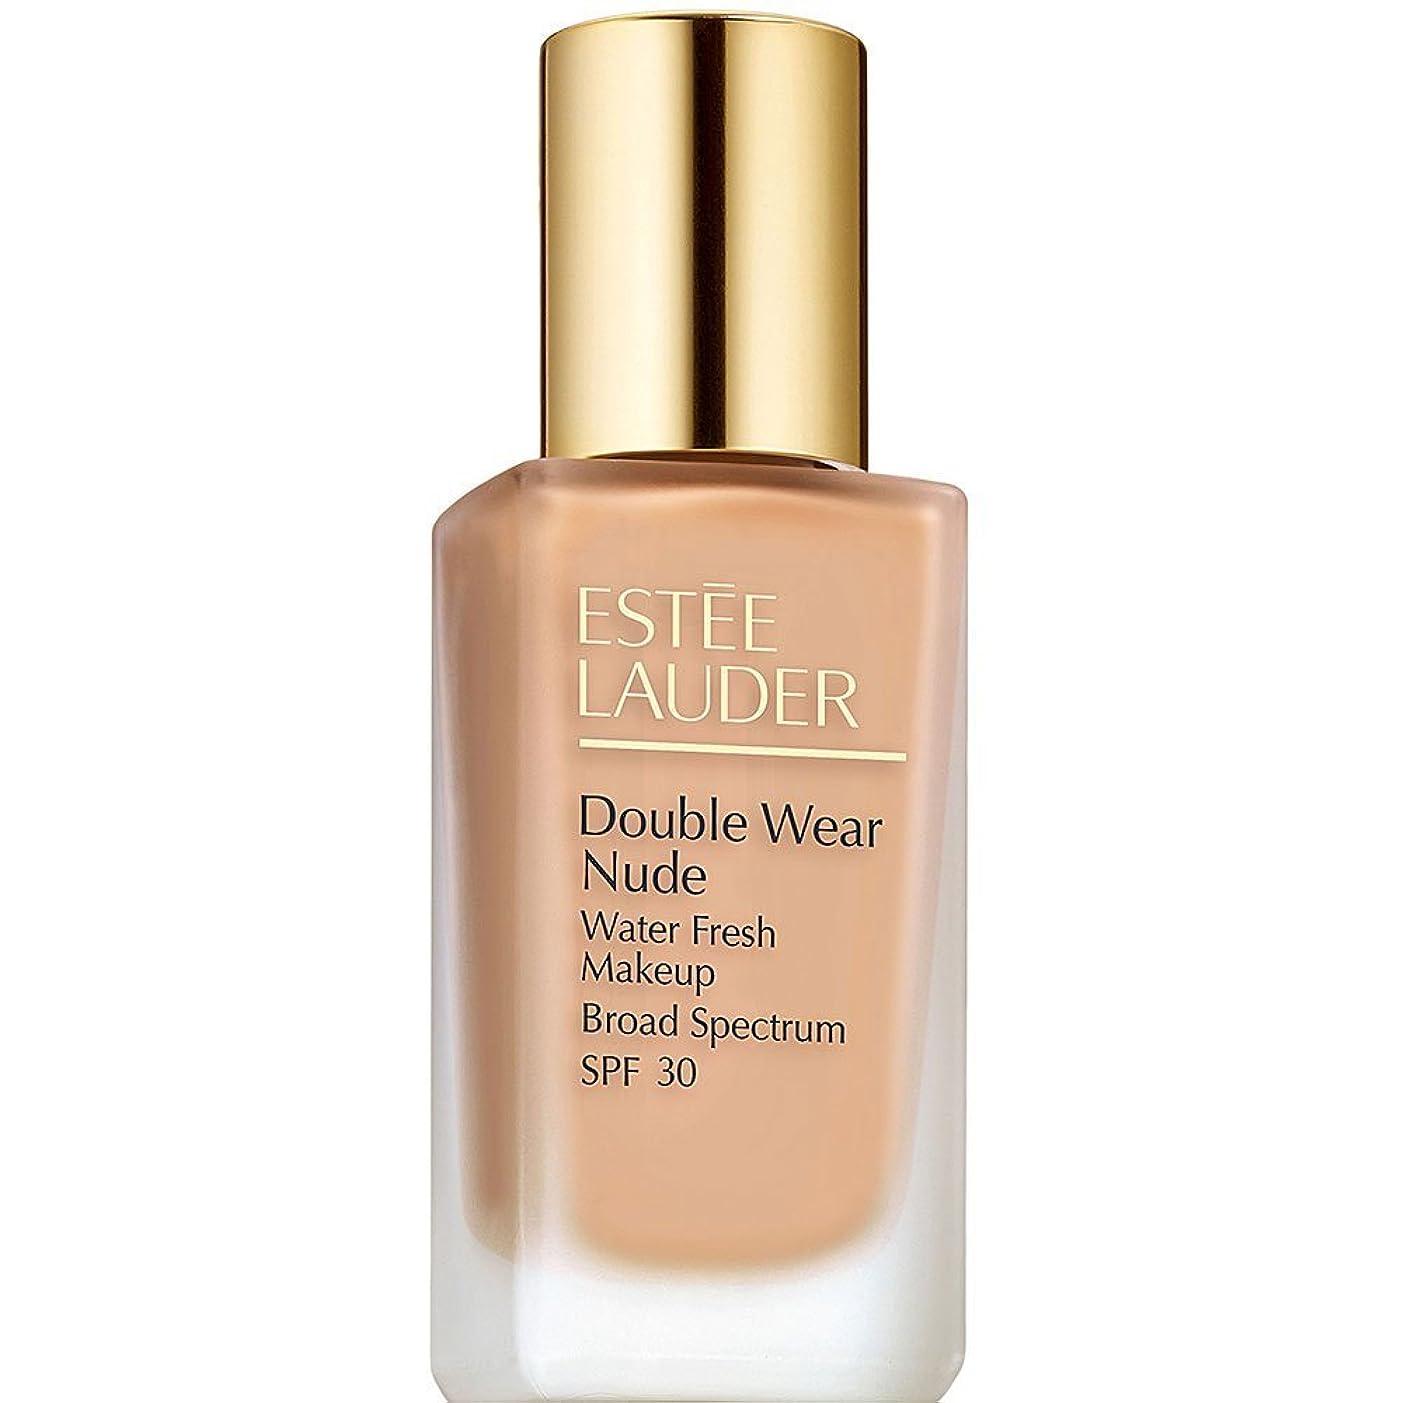 応じる因子広げるエスティローダー Double Wear Nude Water Fresh Makeup SPF 30 - # 1N2 Ecru 30ml/1oz並行輸入品